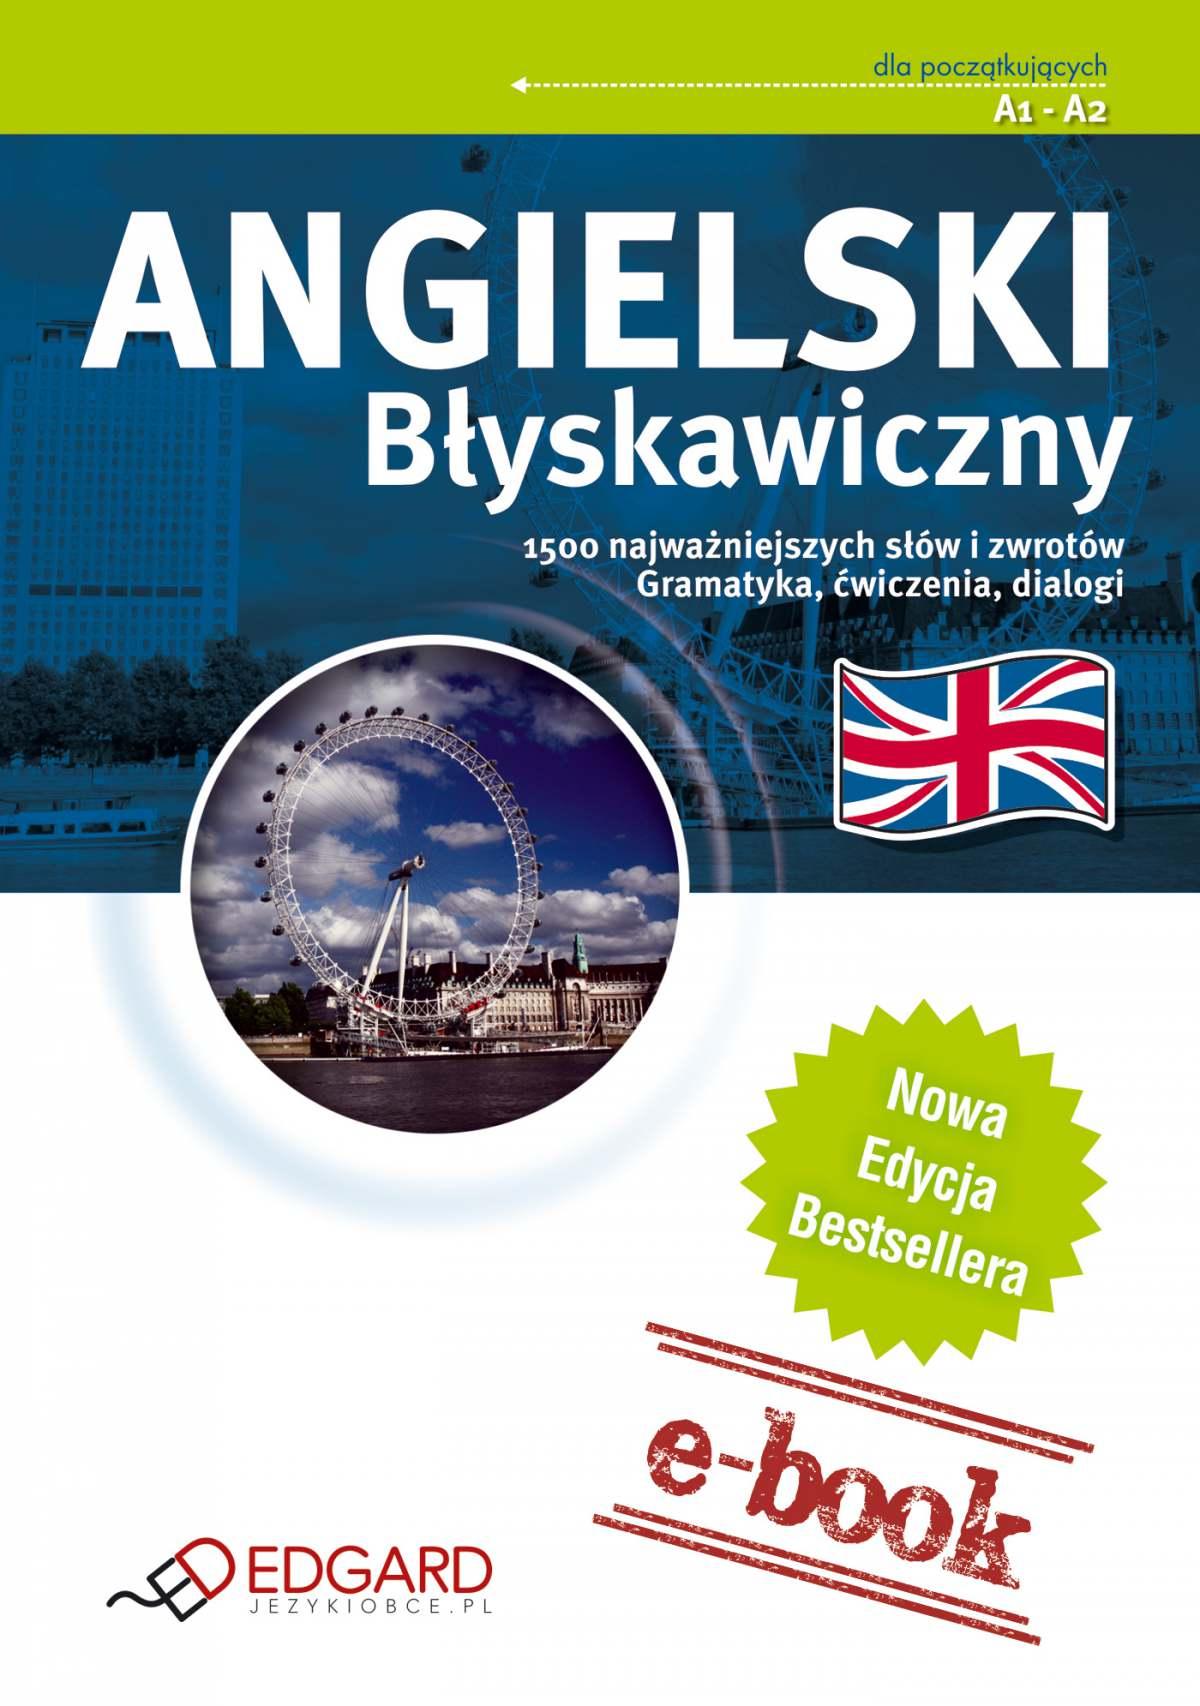 Angielski Błyskawiczny - Ebook (Książka EPUB) do pobrania w formacie EPUB